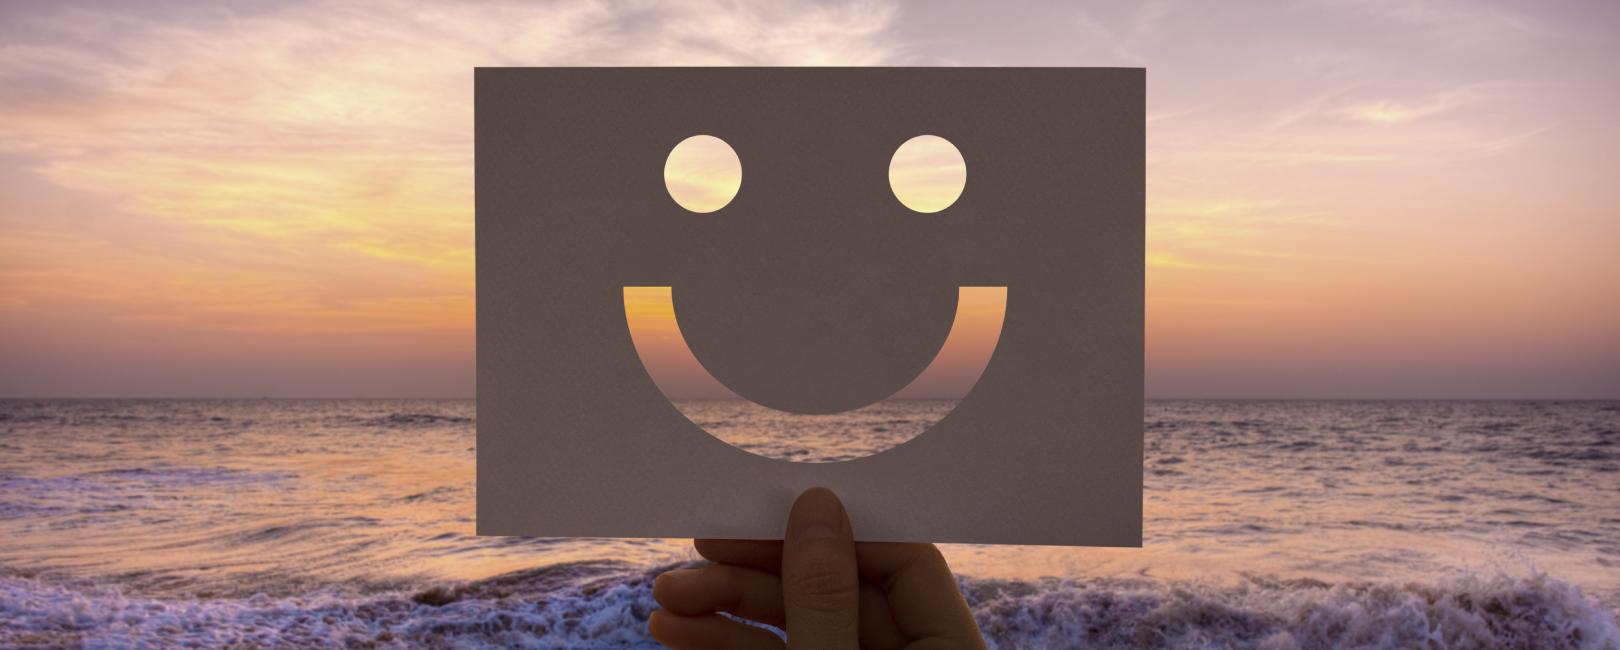 Qué dice la ciencia sobre la felicidad